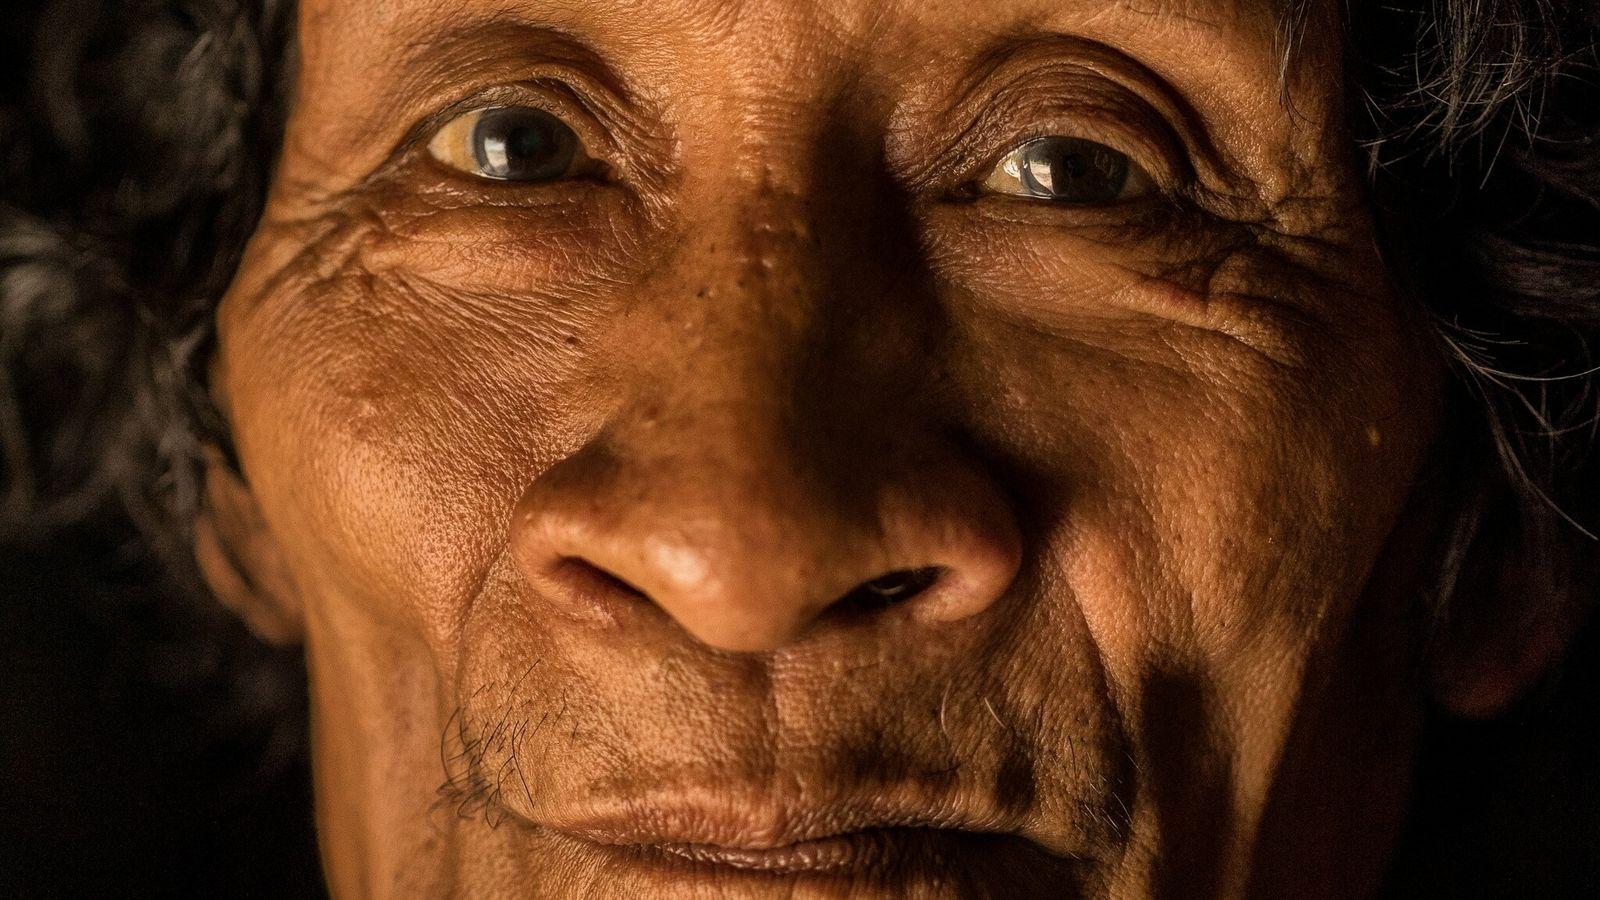 Conoce la historia del hombre indígena que sobrevivió a una odisea amazónica de 10 años, pero ...